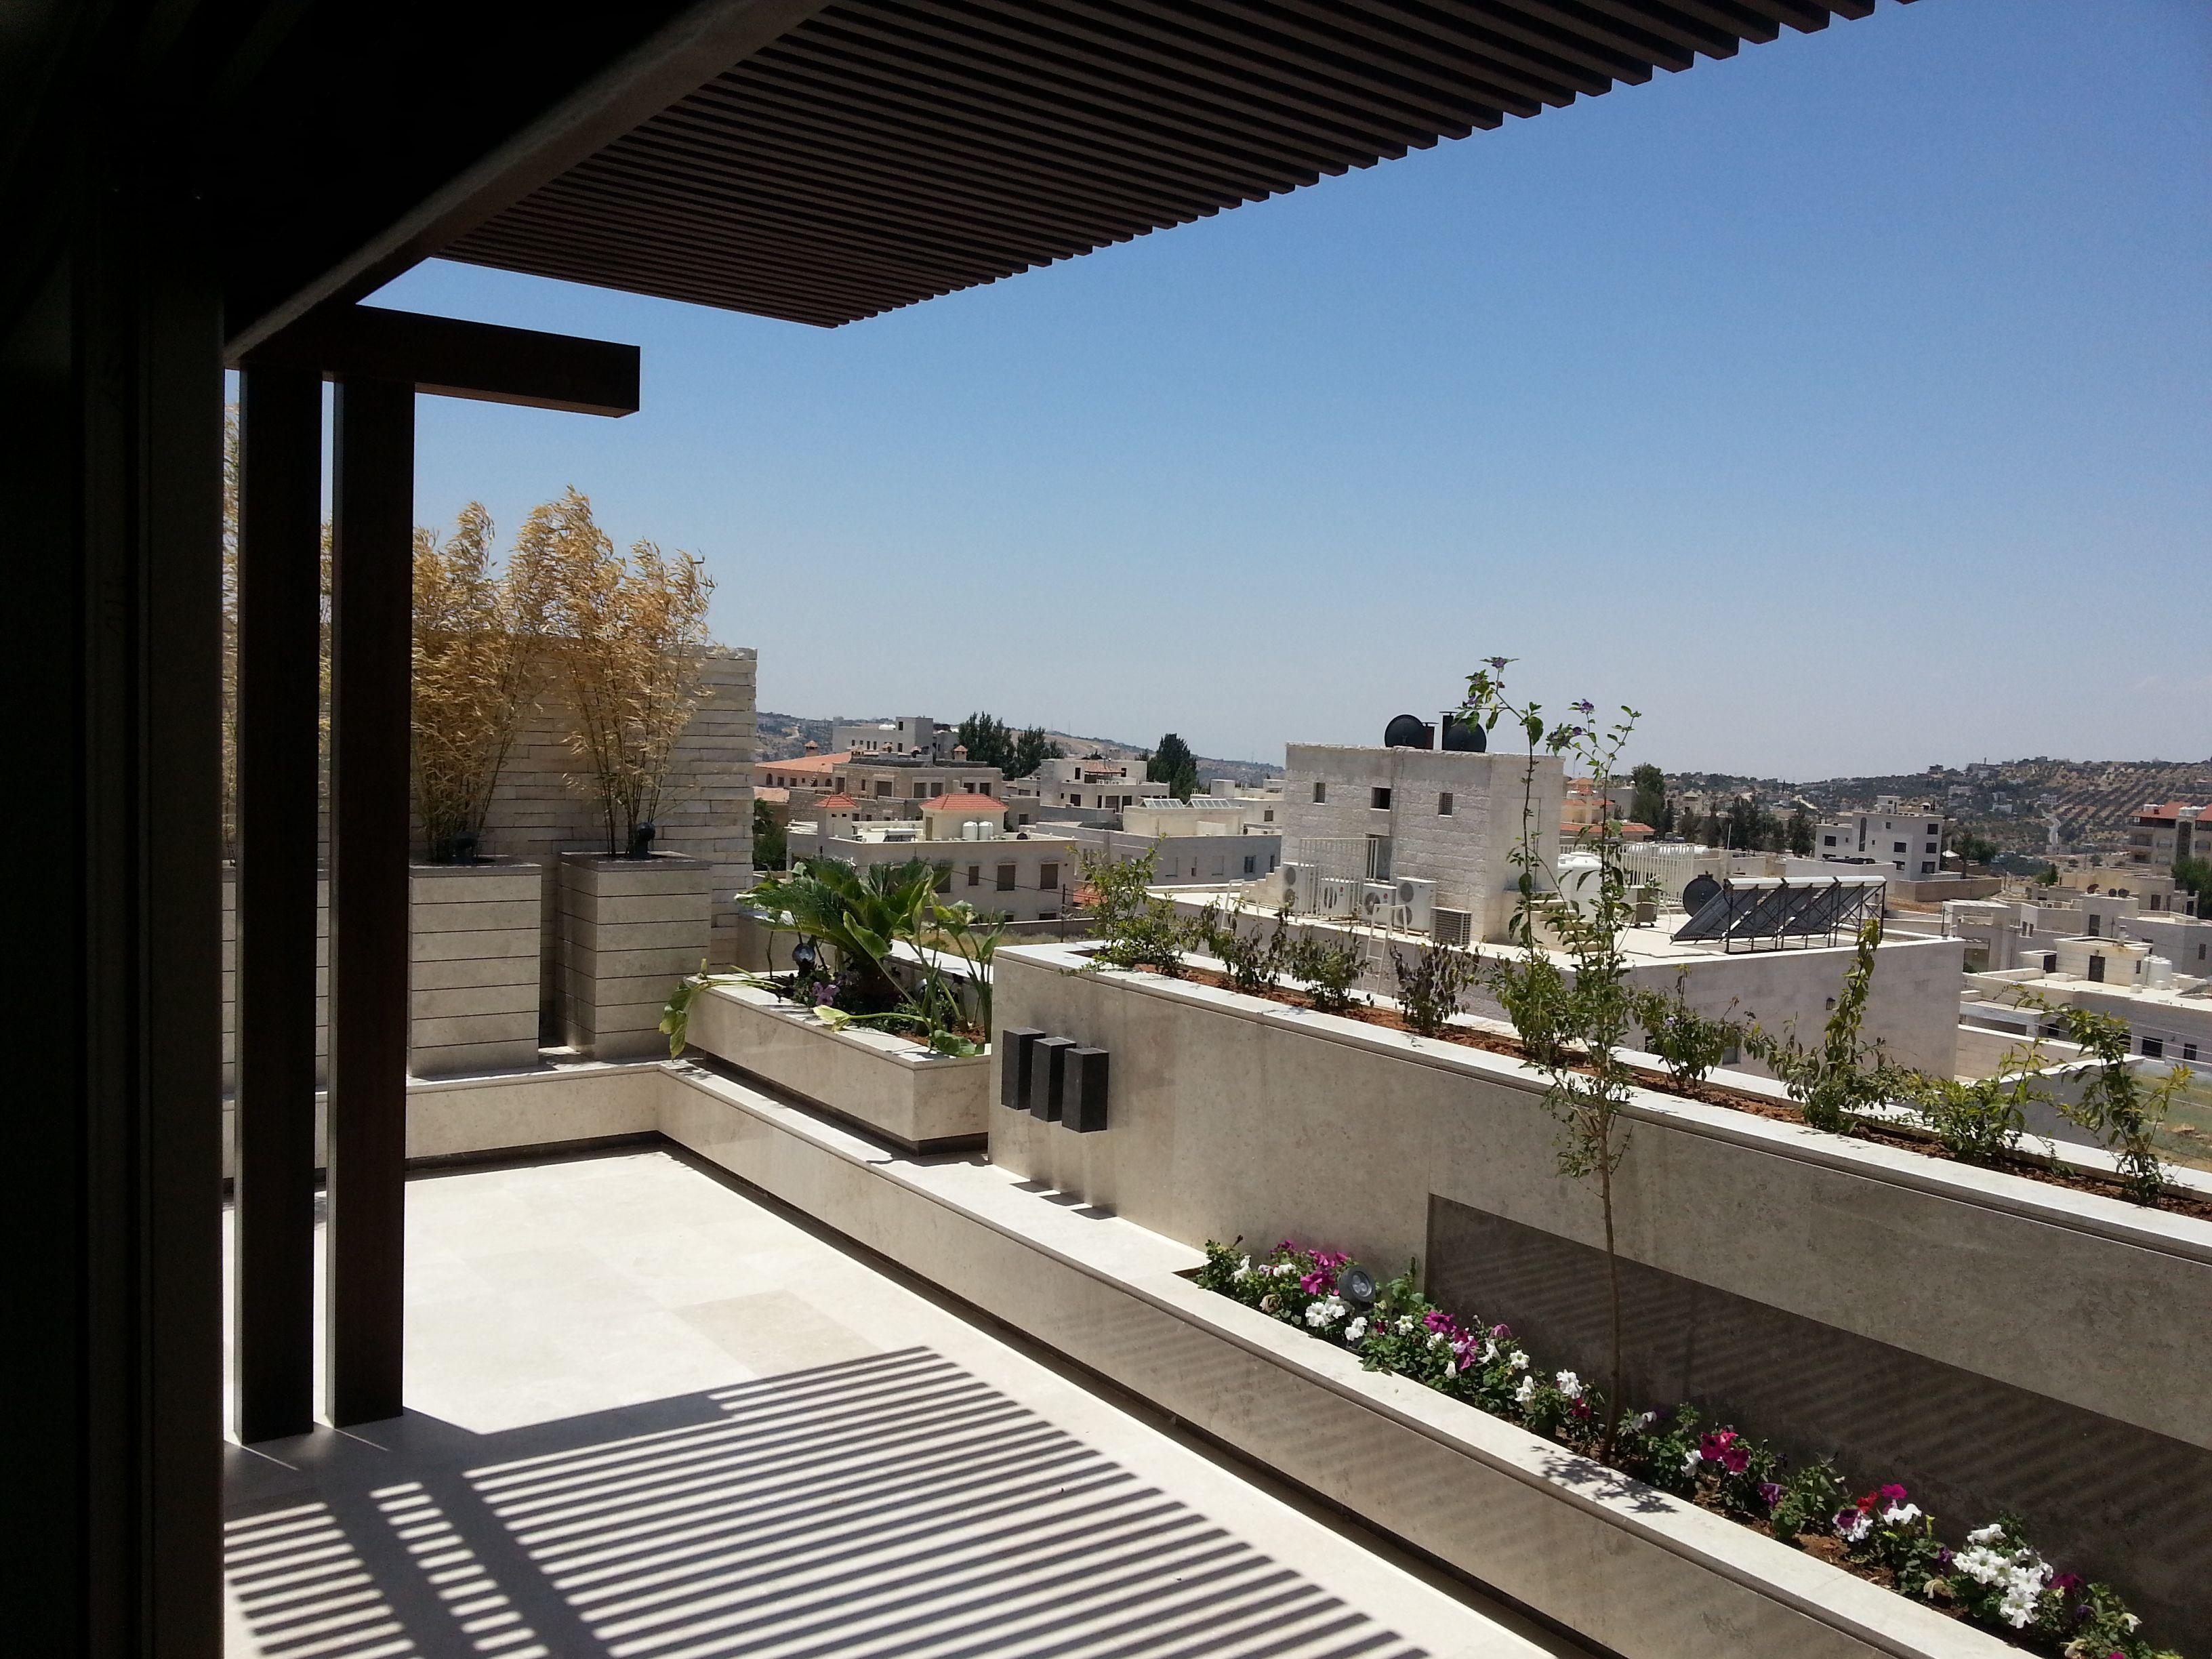 Roof Garden, design, execute, decoration, outdoor, terrace area, interior & exterior, planters, marble, gazebo & pergula